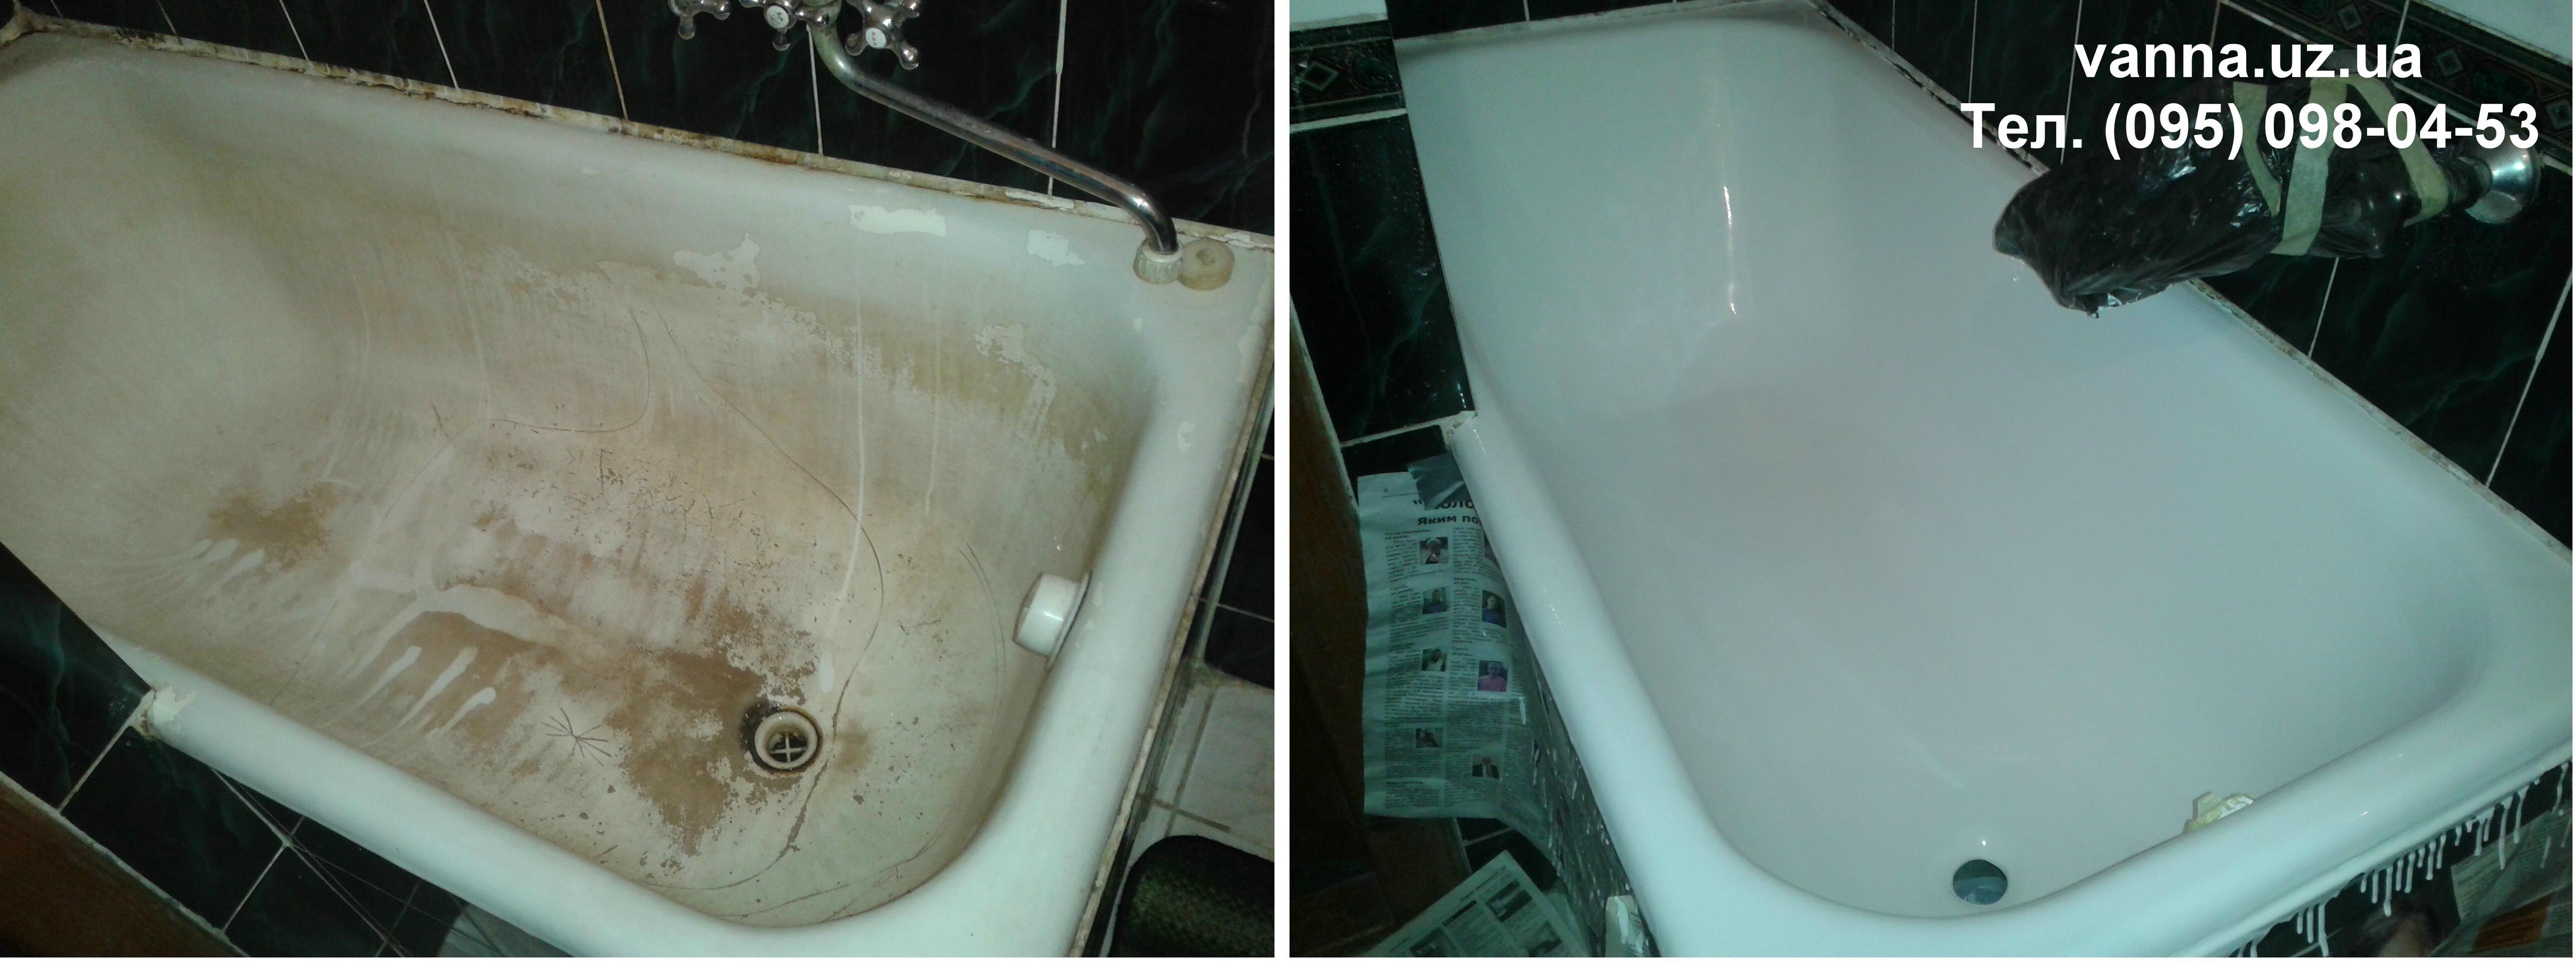 відновити ванну в ужгороді